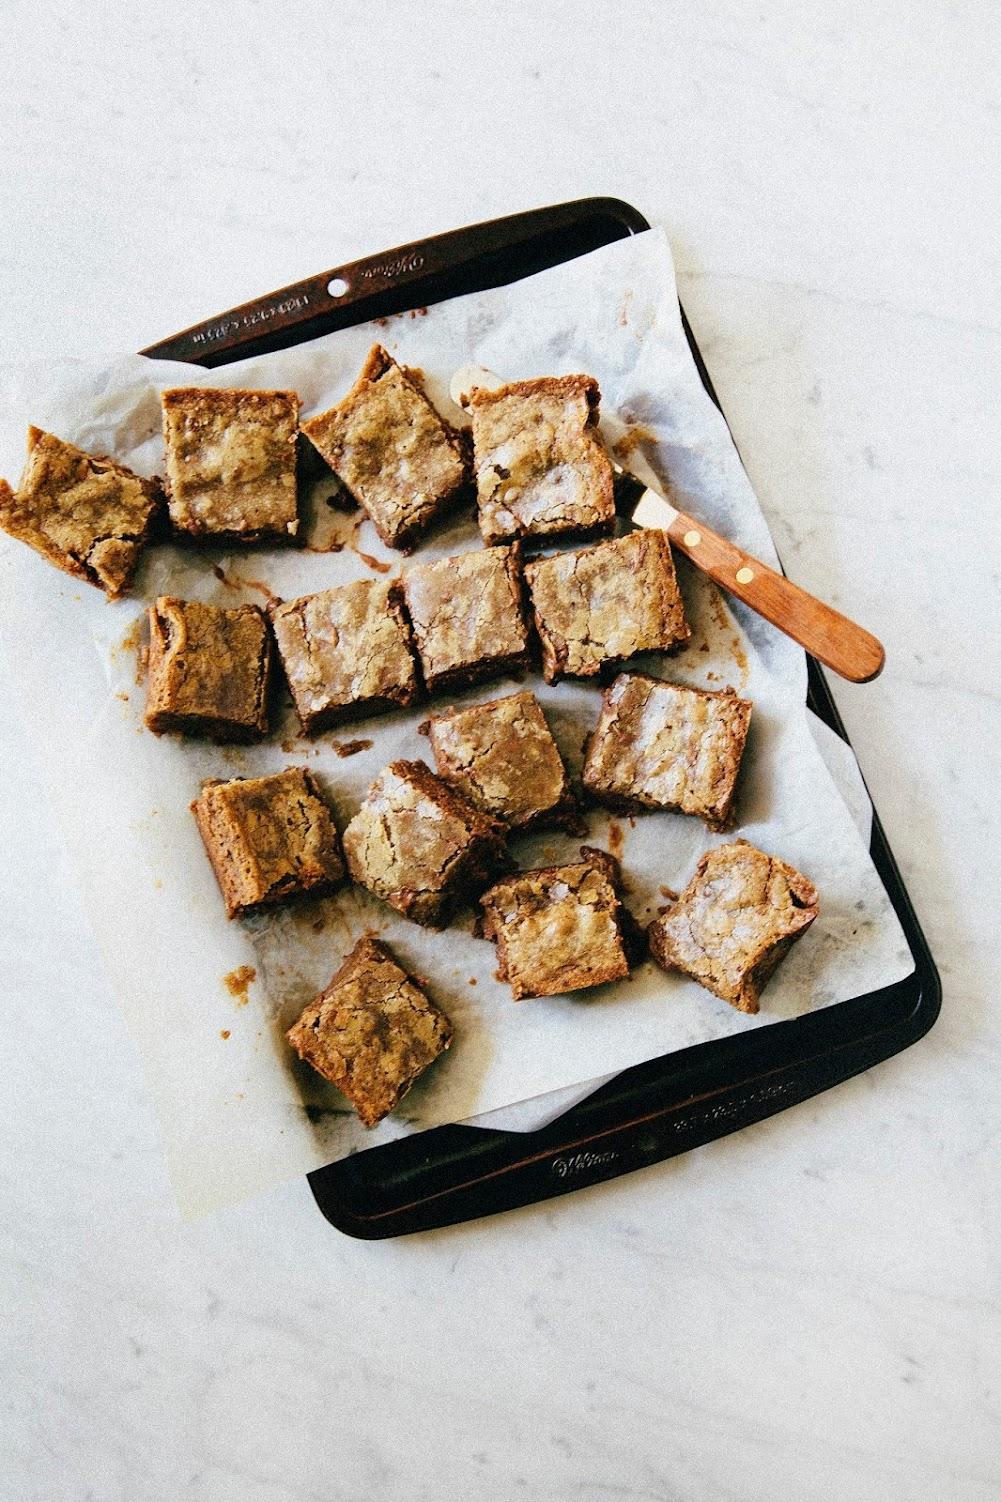 ... blondies chocolate cherry blondies apple hazelnut blondies recipe key